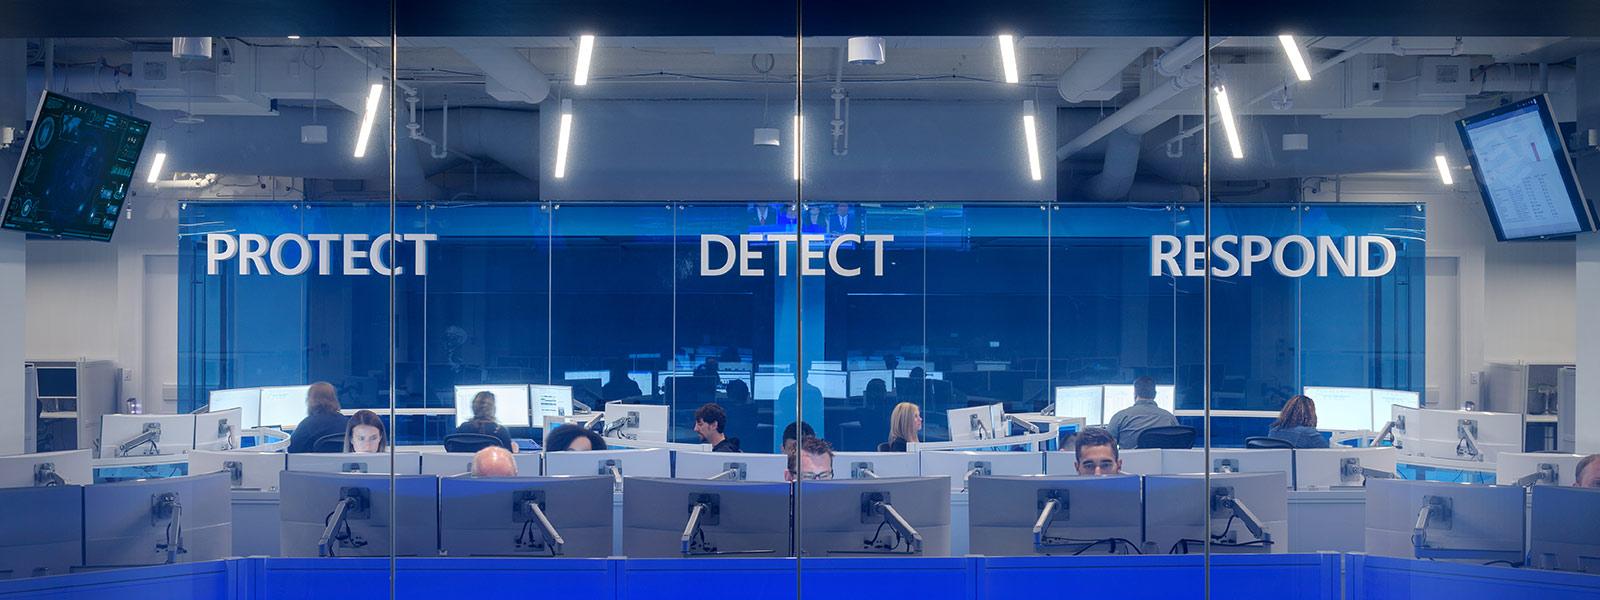 電腦實驗室裡的人們在研究 Windows Defender ATP